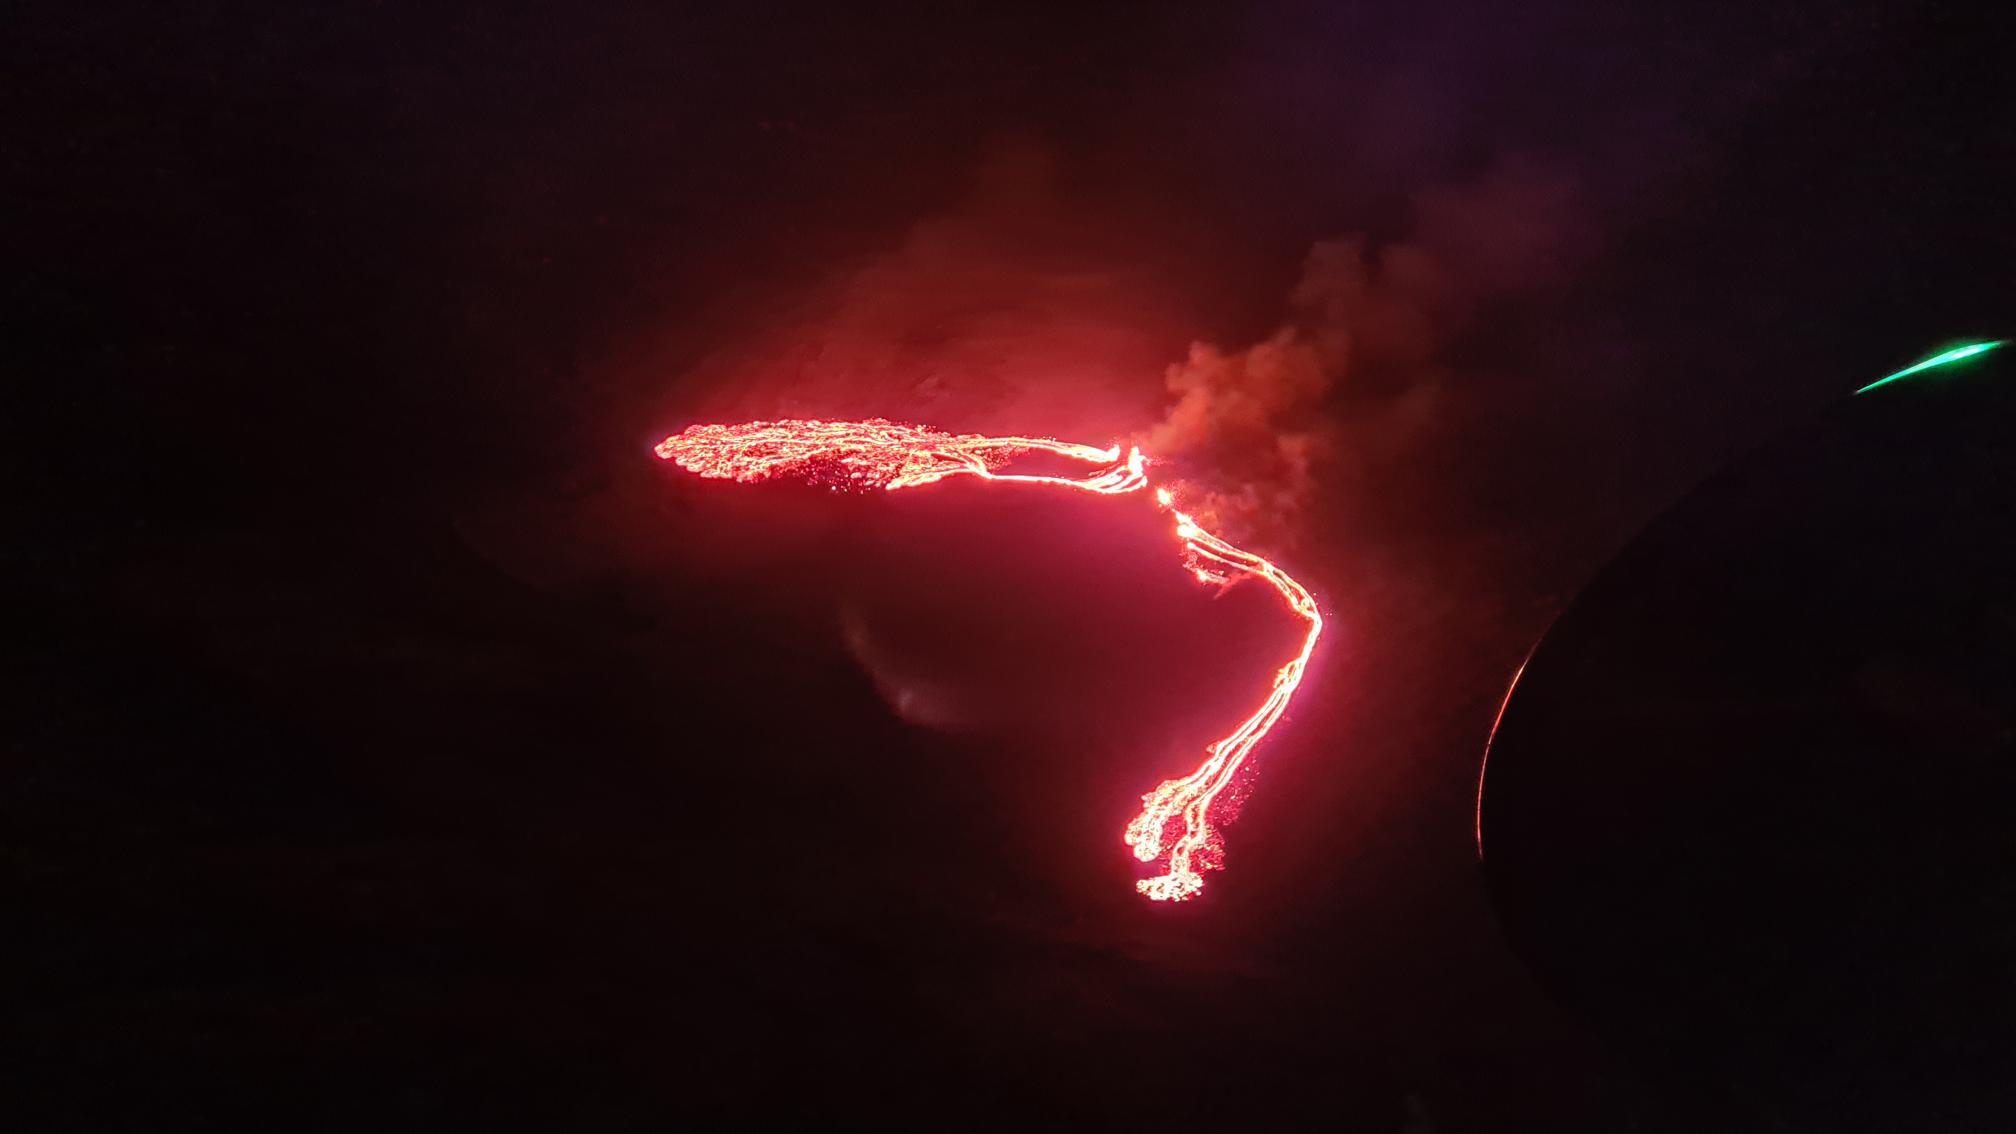 Vörösre festette az égboltot a Reykjavík közelében felszínre tört láva